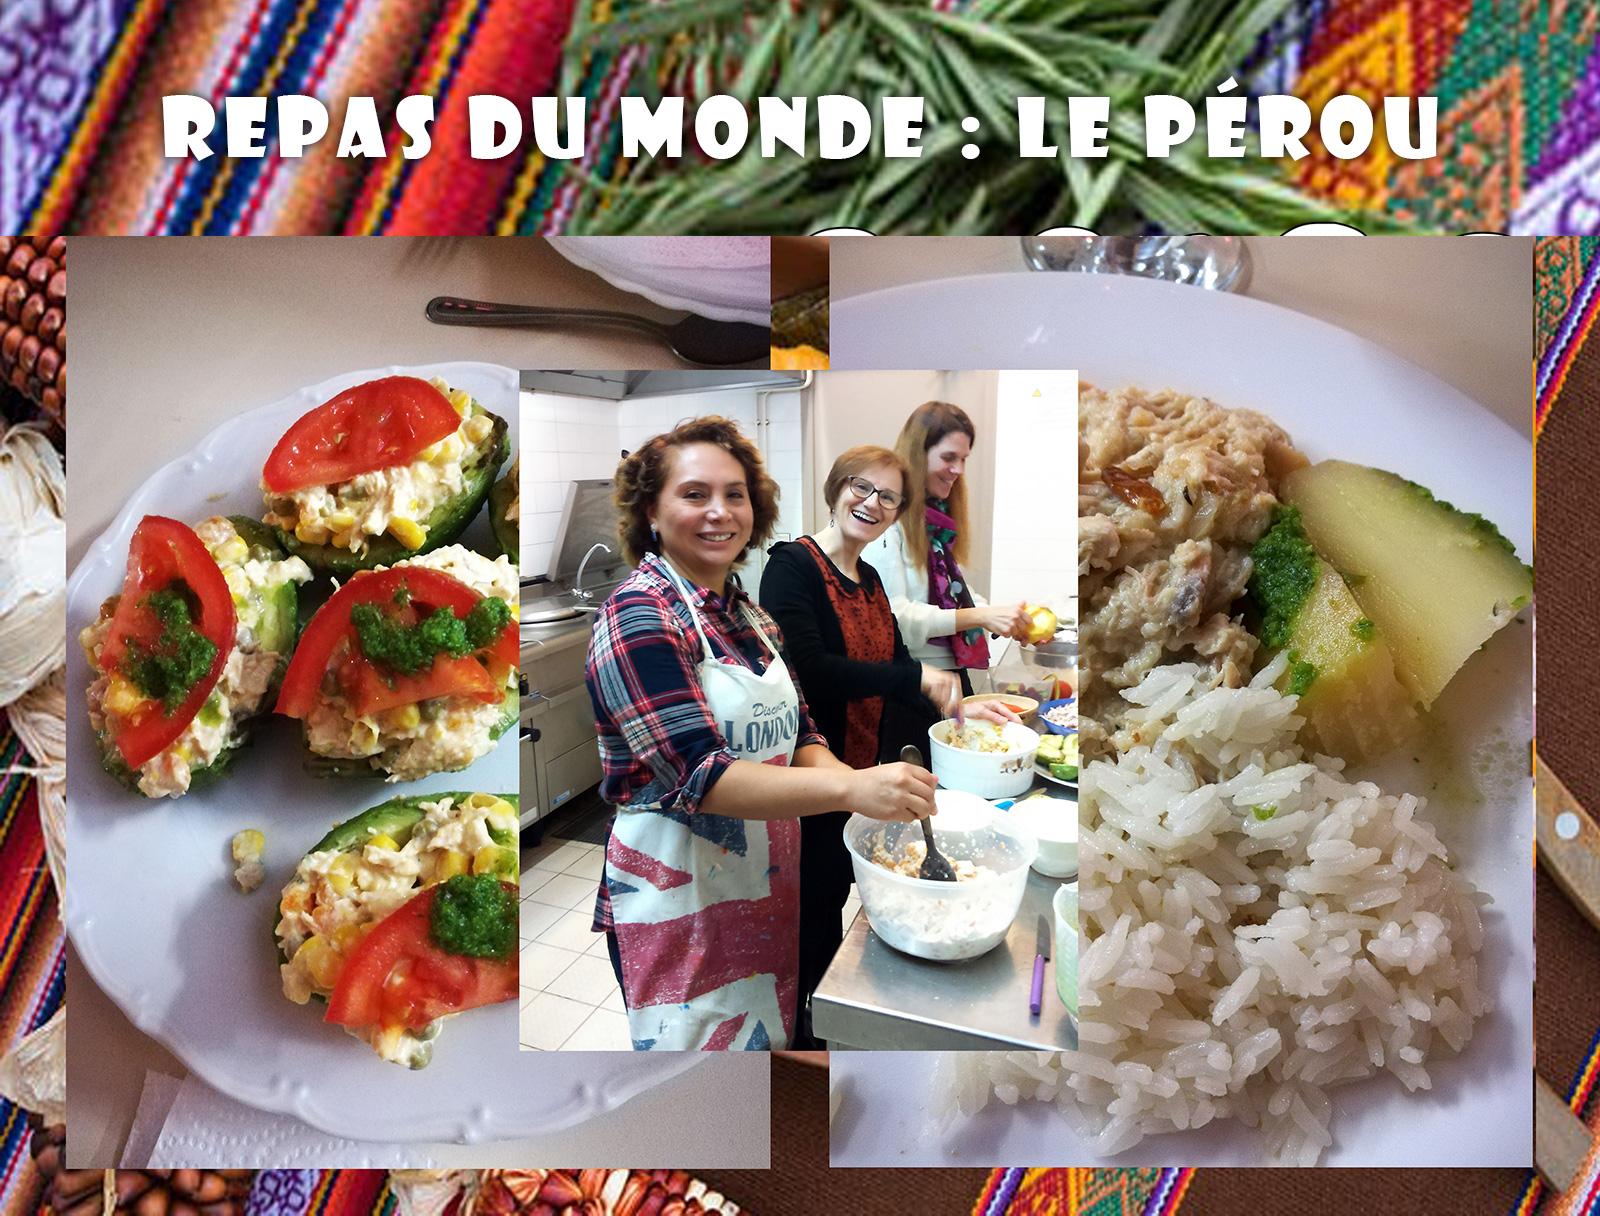 Repas du monde à La Chapelle-Thouarault thème Le Pérou 15-11-2018